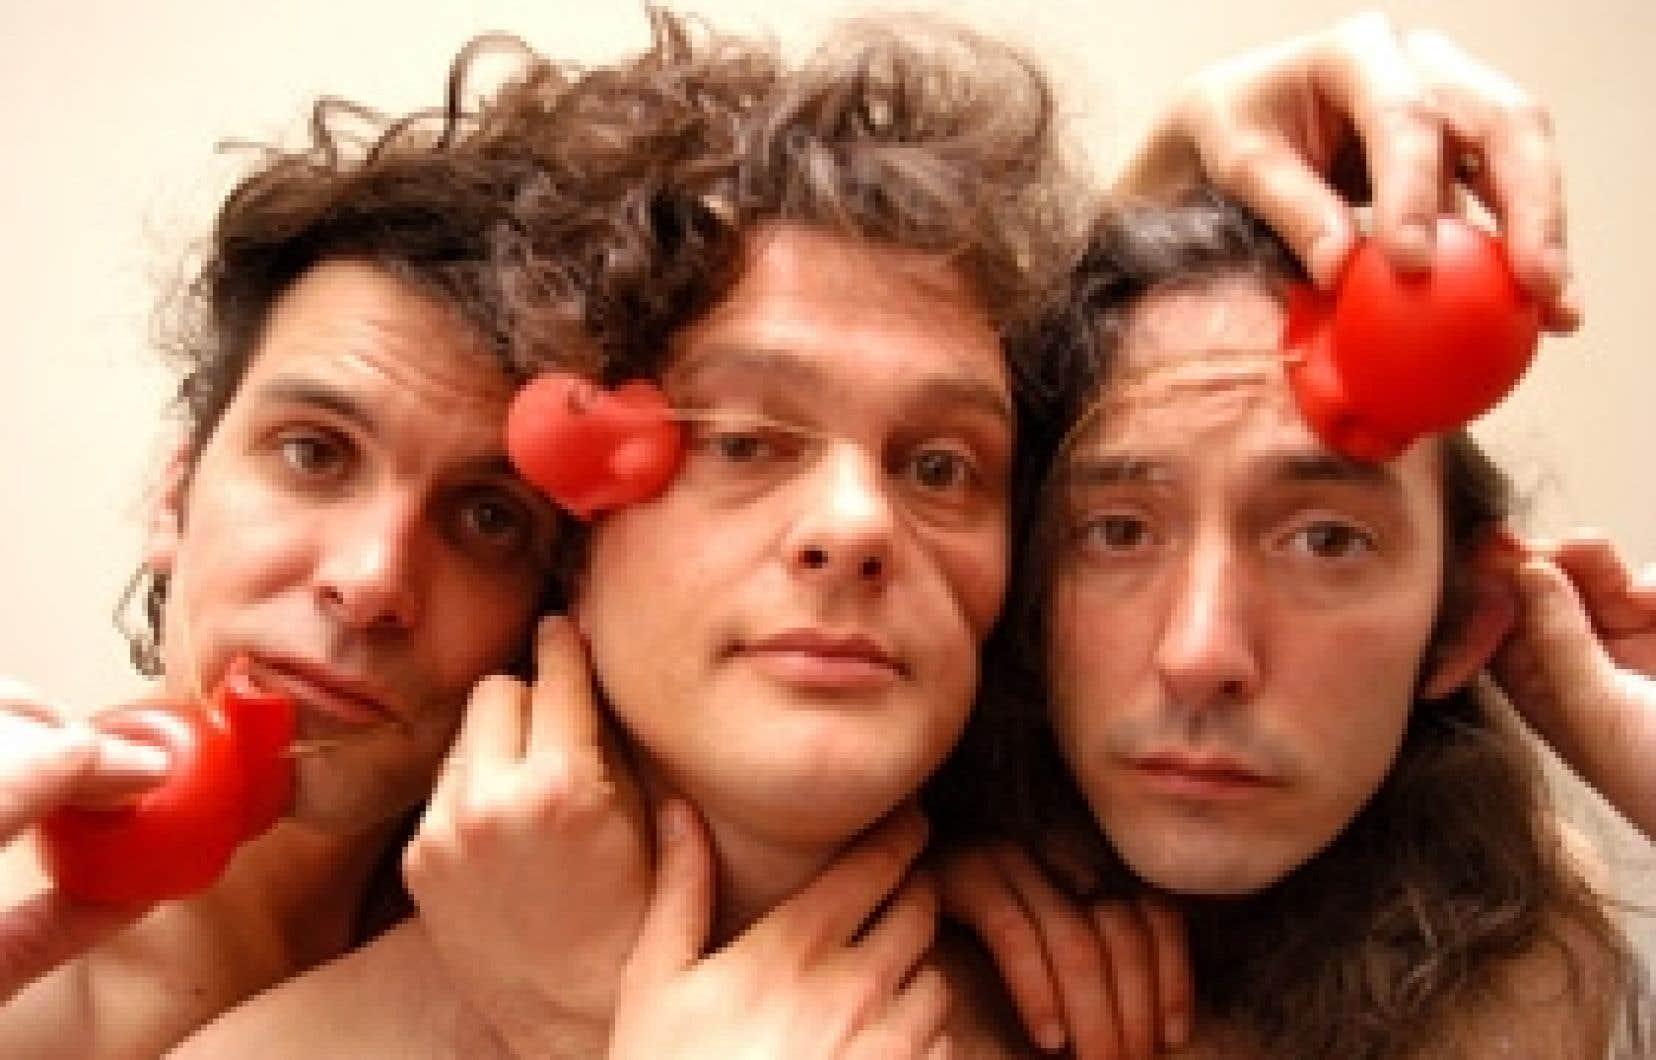 Sur scène, les trois chanteurs oscillent entre de petites saynètes humoristiques et des morceaux souvent comiques, parfois plus tendres, joués avec presque rien.